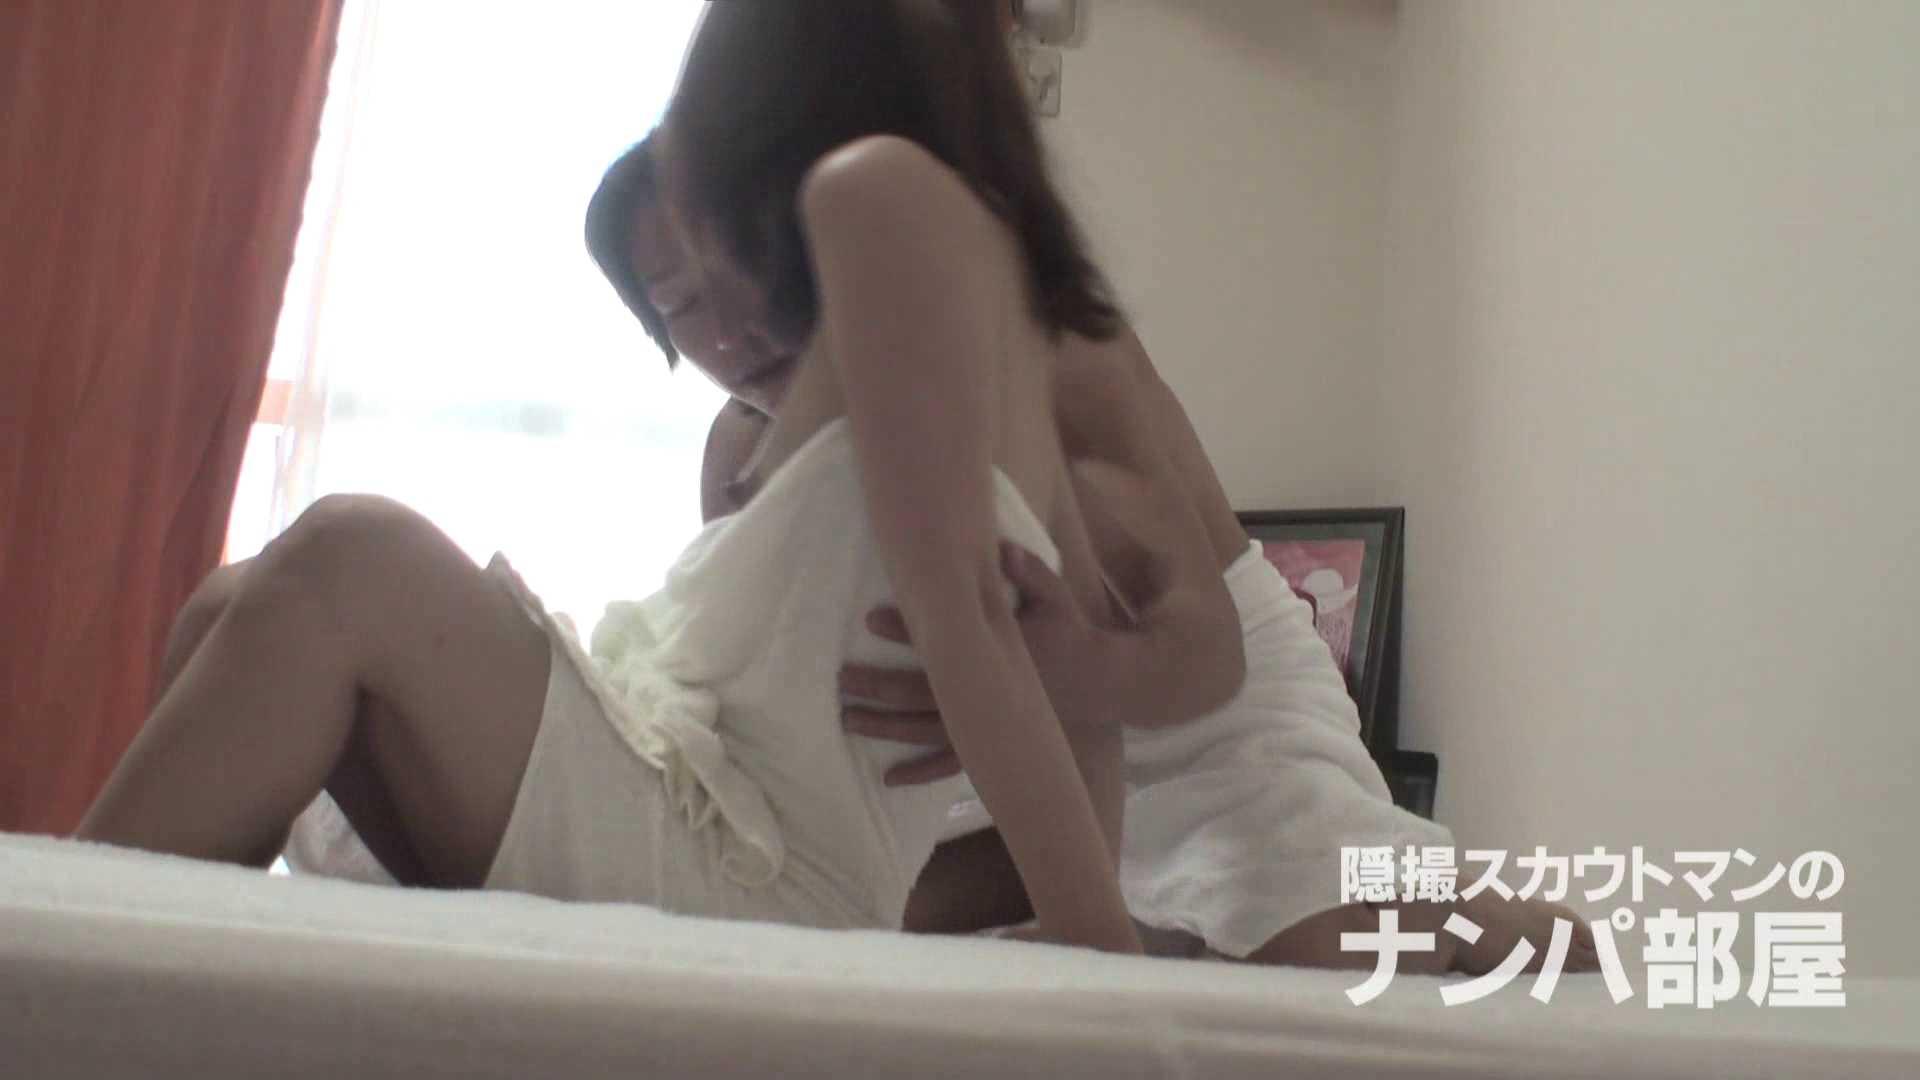 隠撮スカウトマンのナンパ部屋~風俗デビュー前のつまみ食い~ sii 隠撮  84連発 58